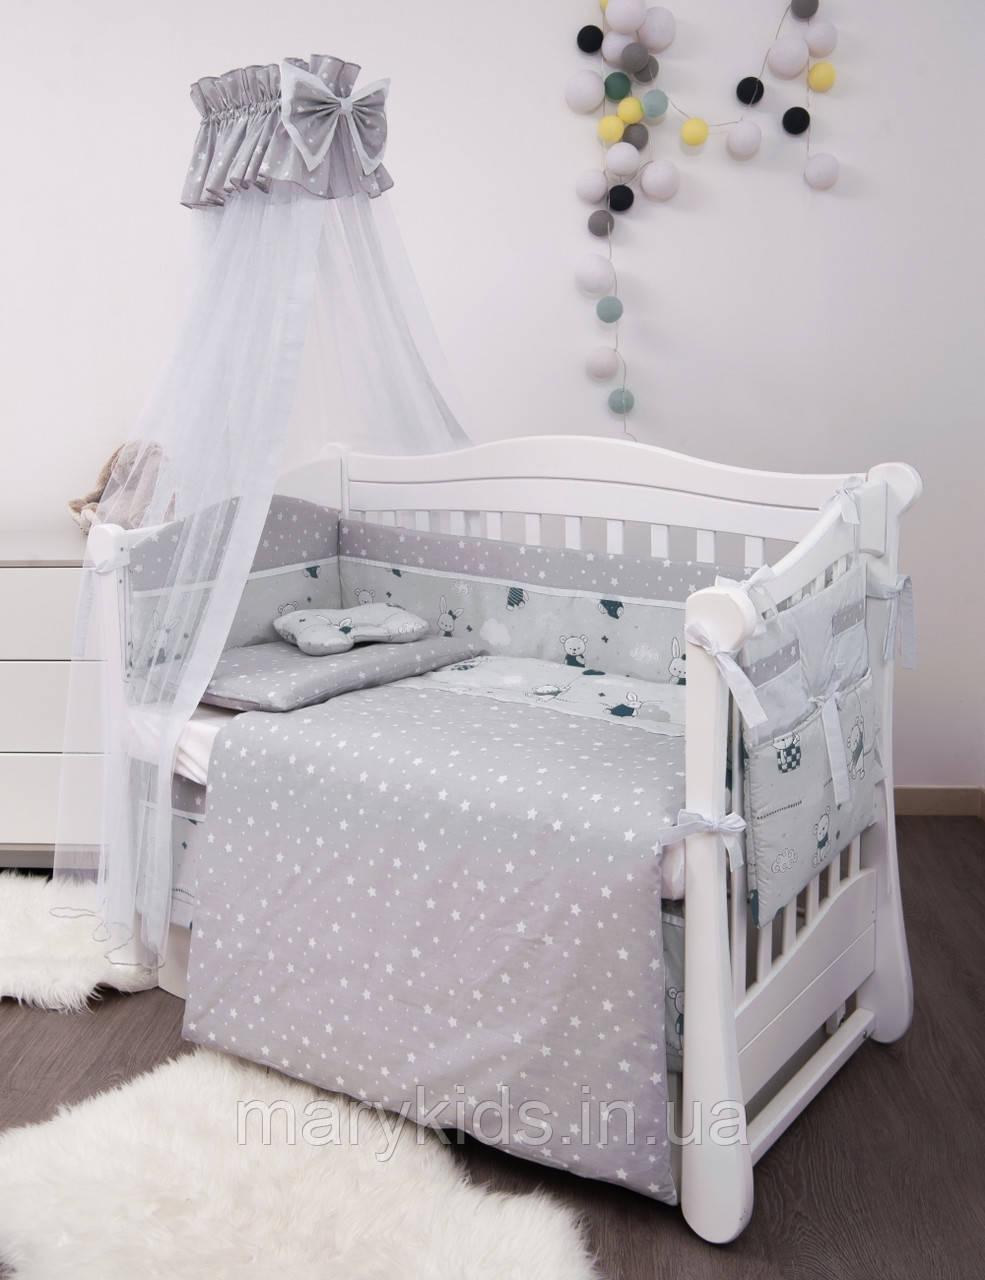 Дитяче ліжко Twins Modern 4040-P-102 Зайчики блакитні 8 елементів